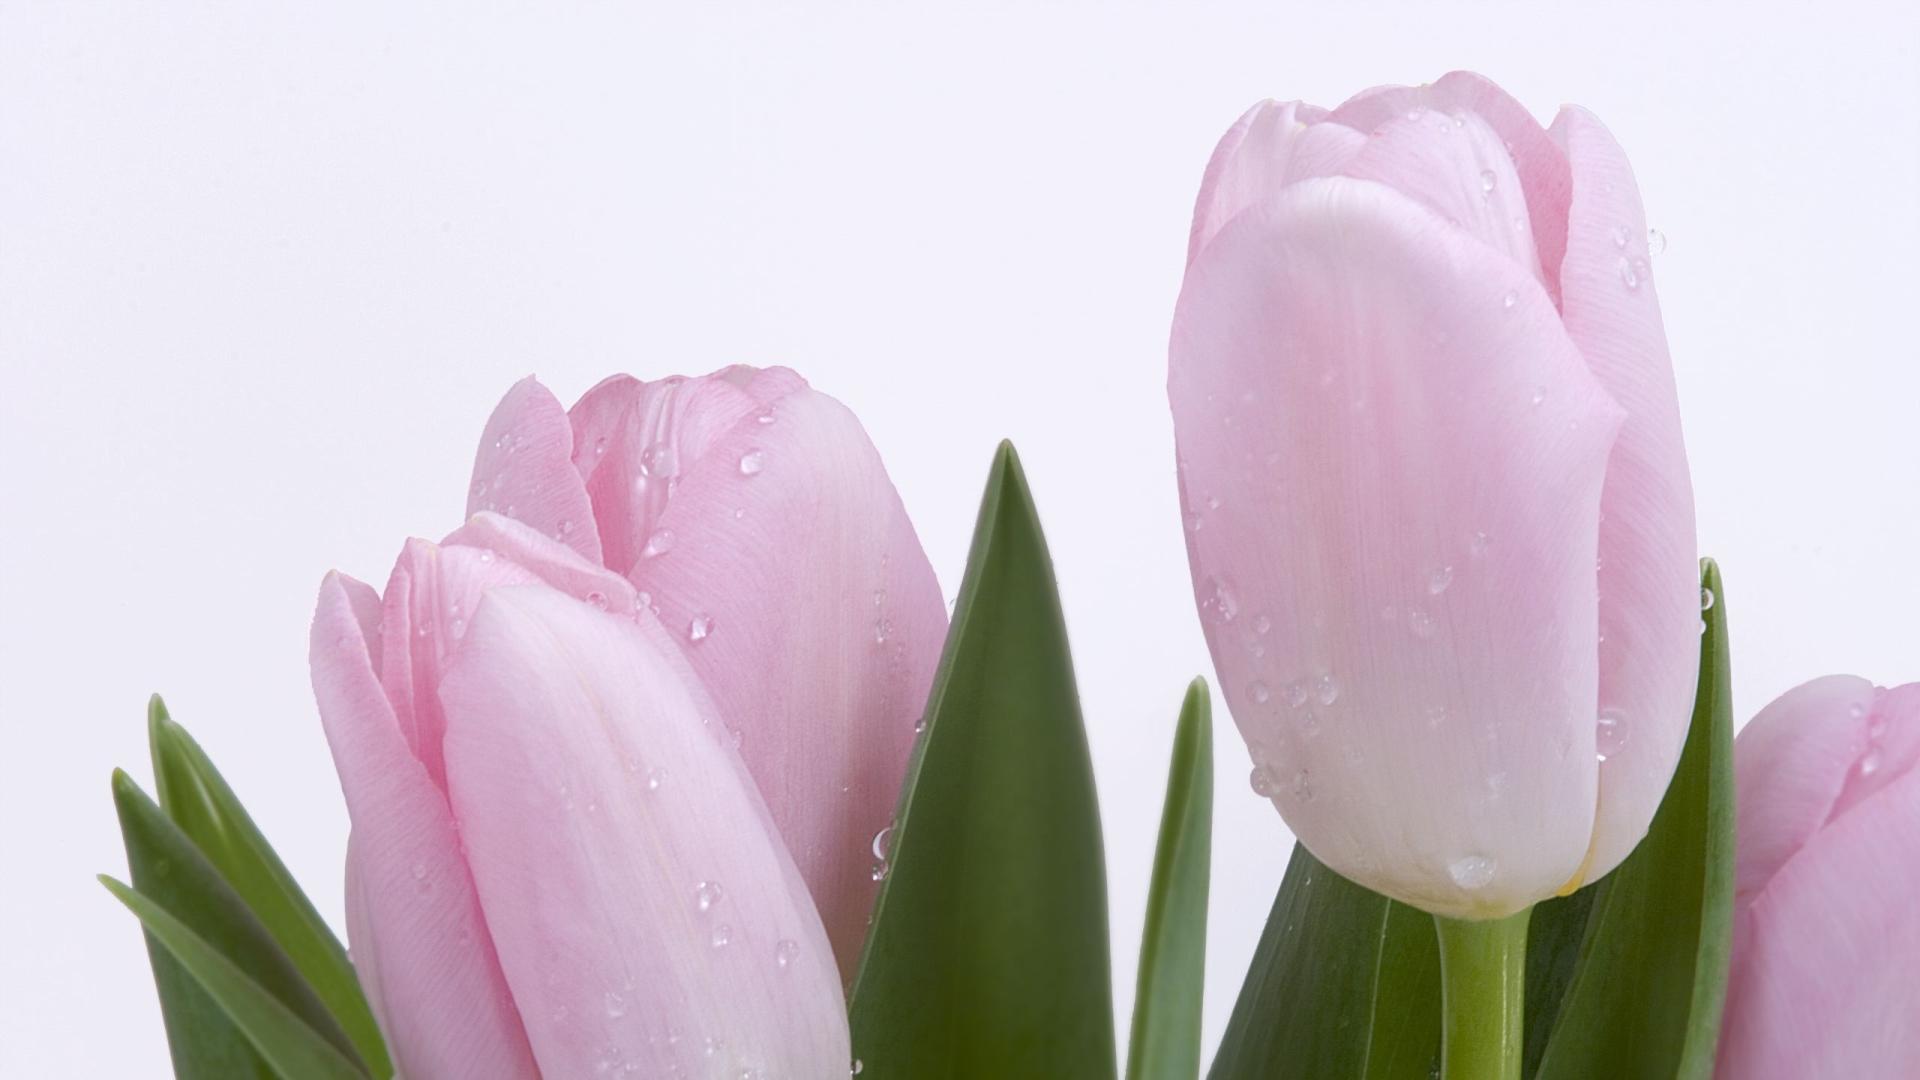 Обои на рабочий стол тюльпаны широкоформатные